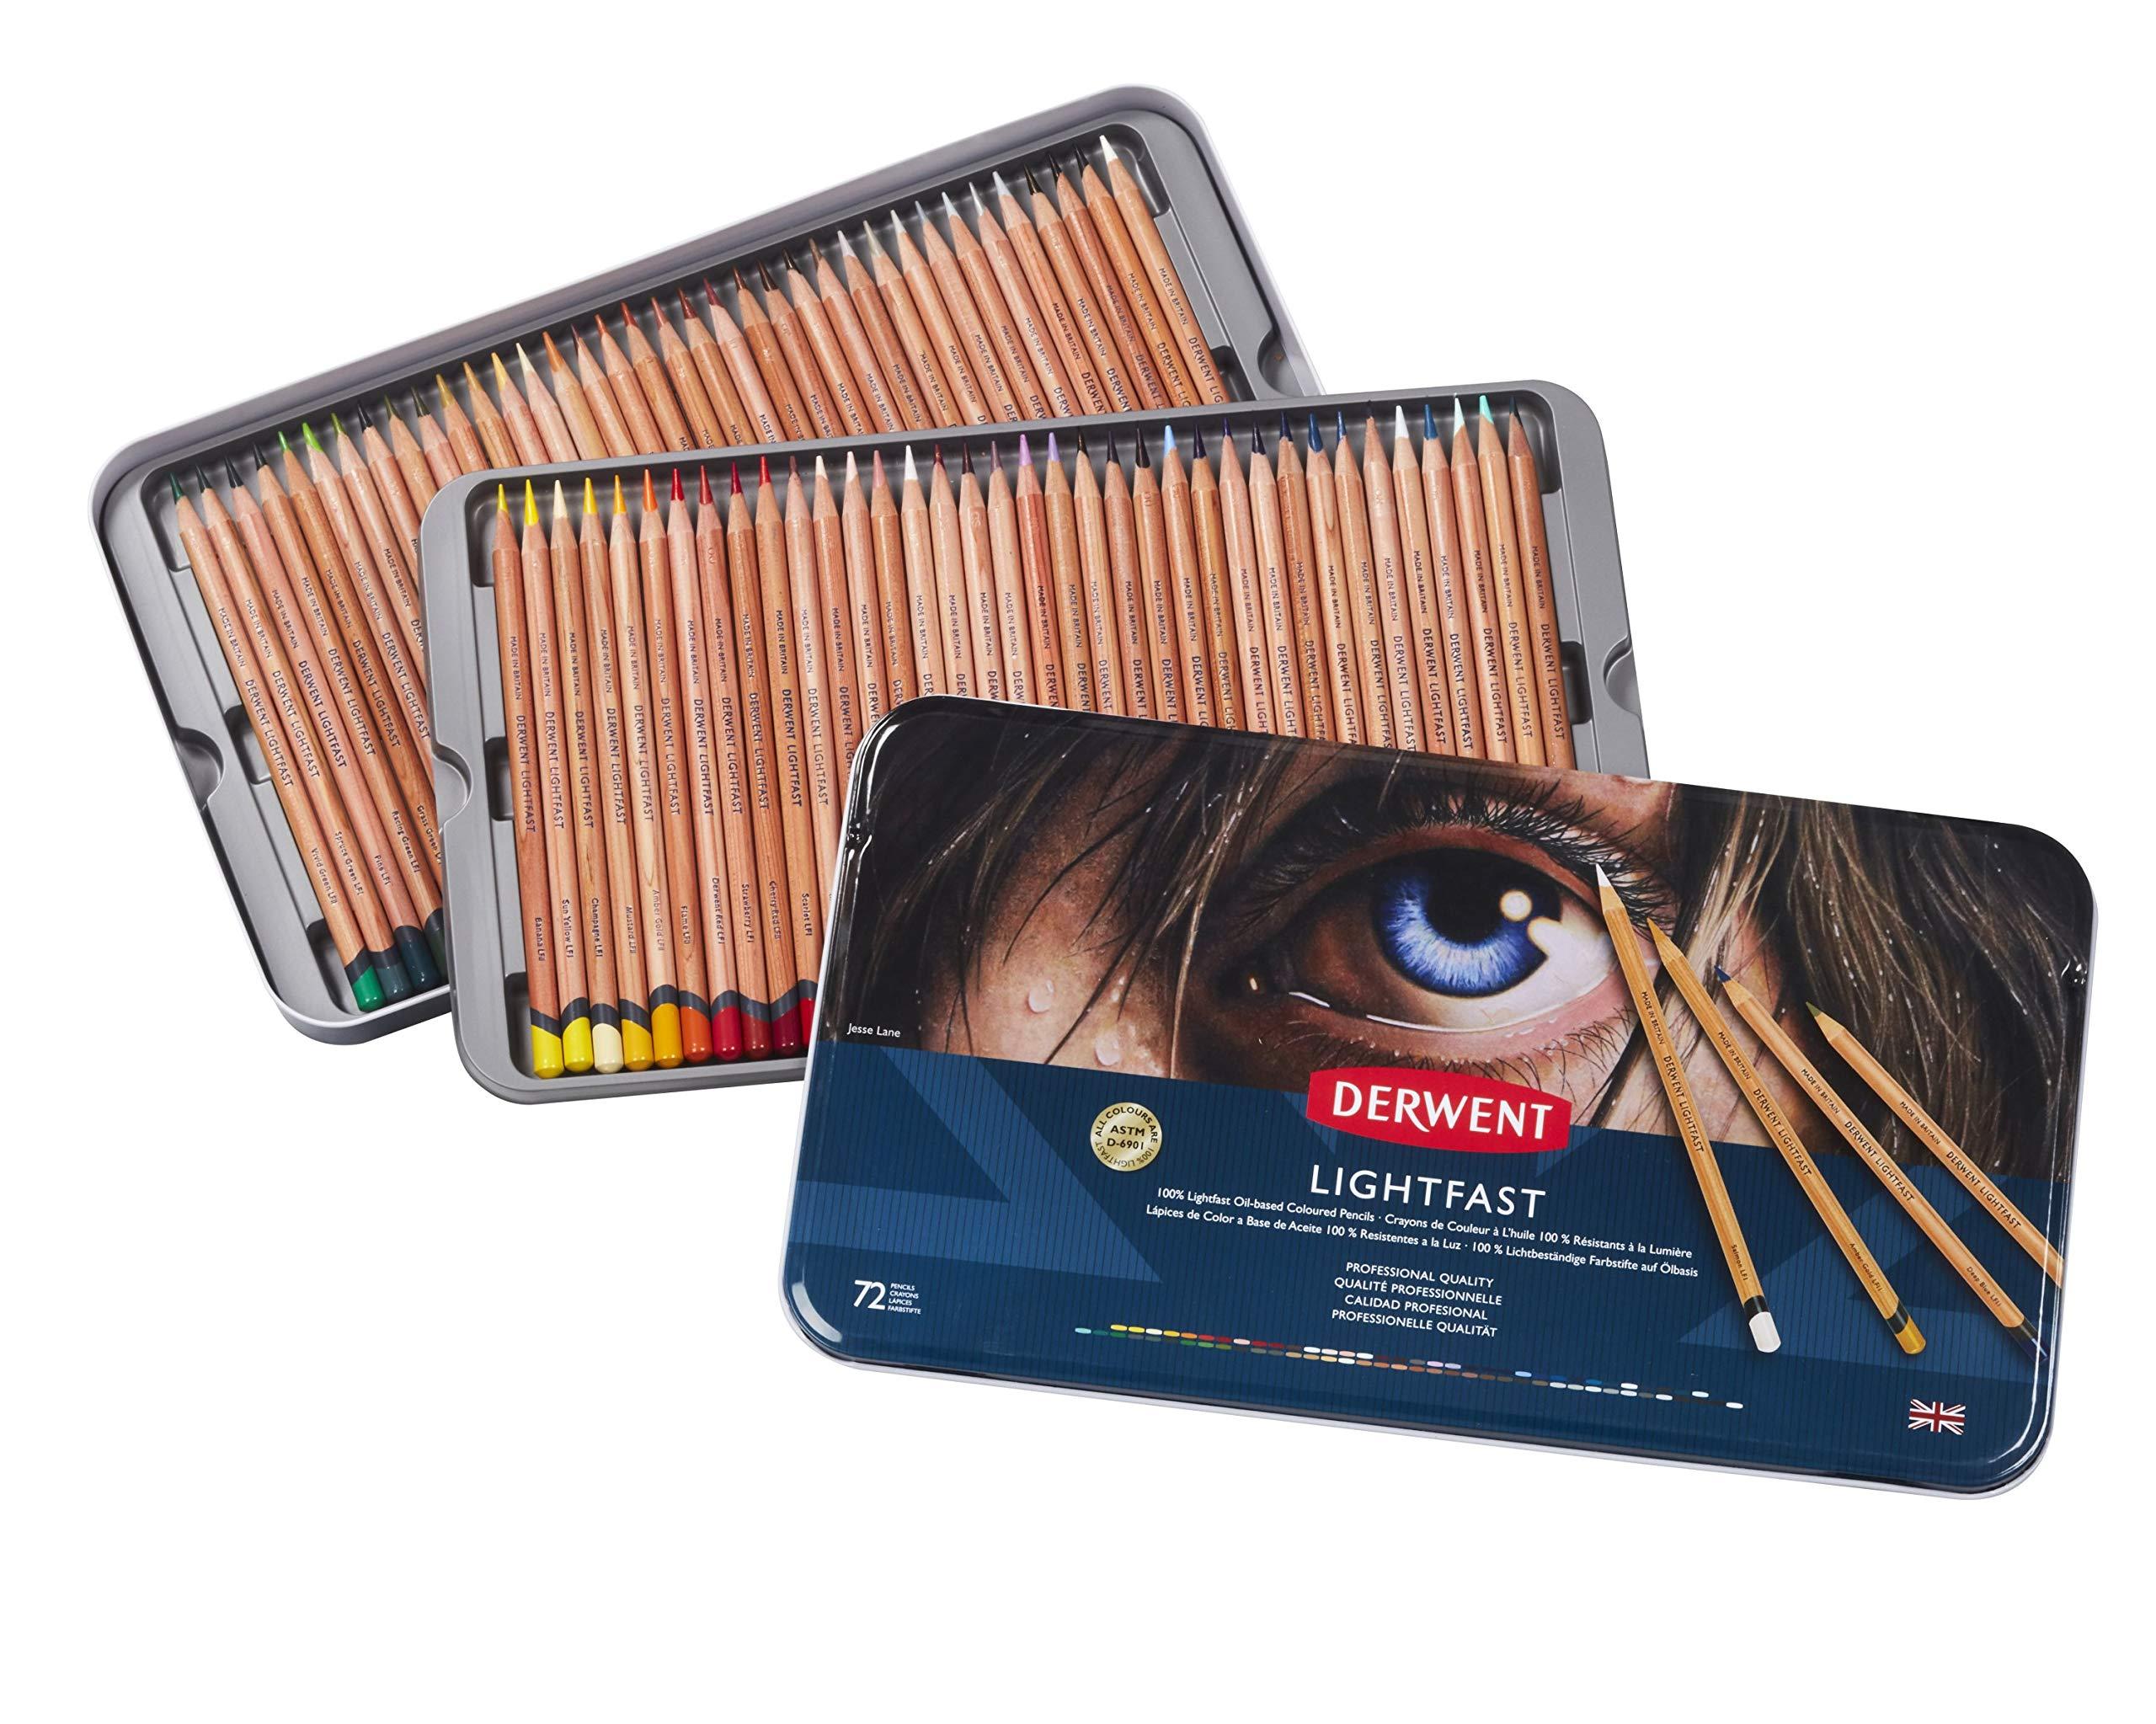 Derwent - Lightfast Pencils, 72 Tin